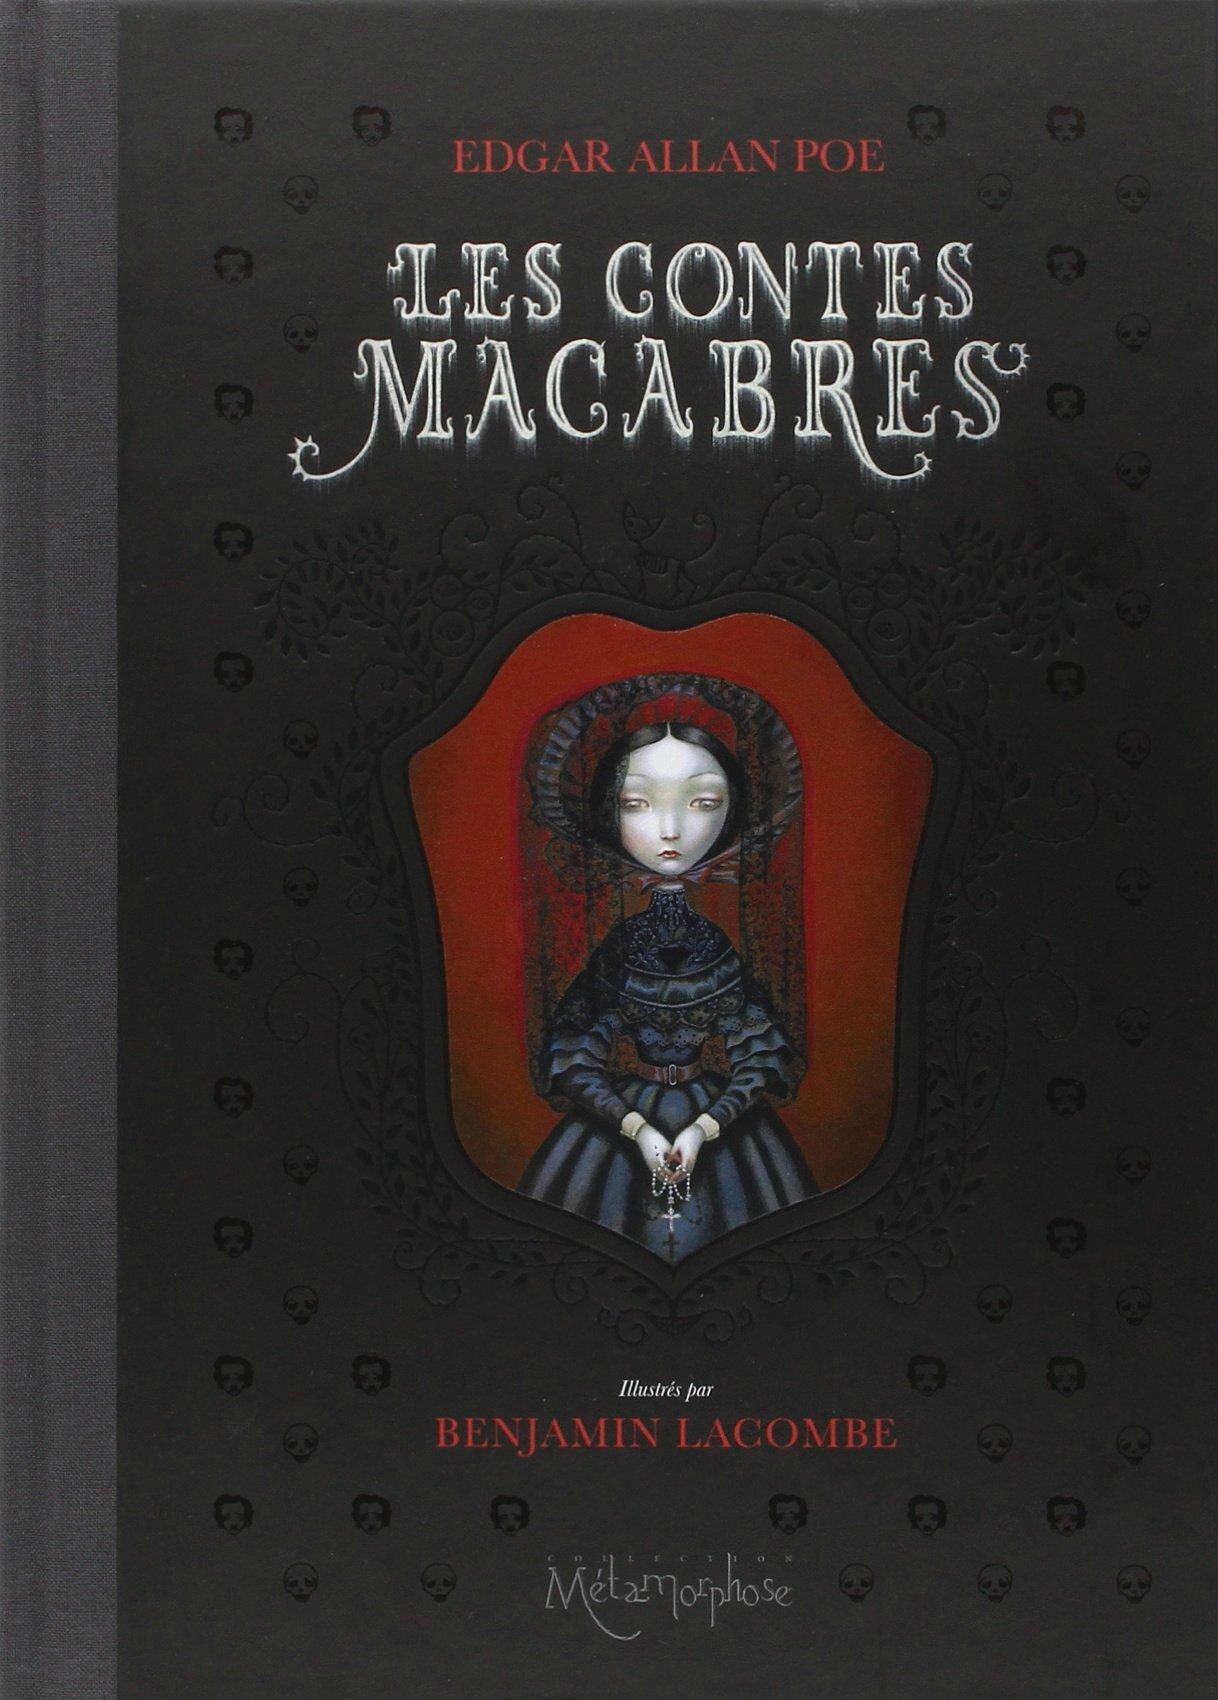 Les contes macabres - Edgar Allan Poe / Benjamin Lacombe